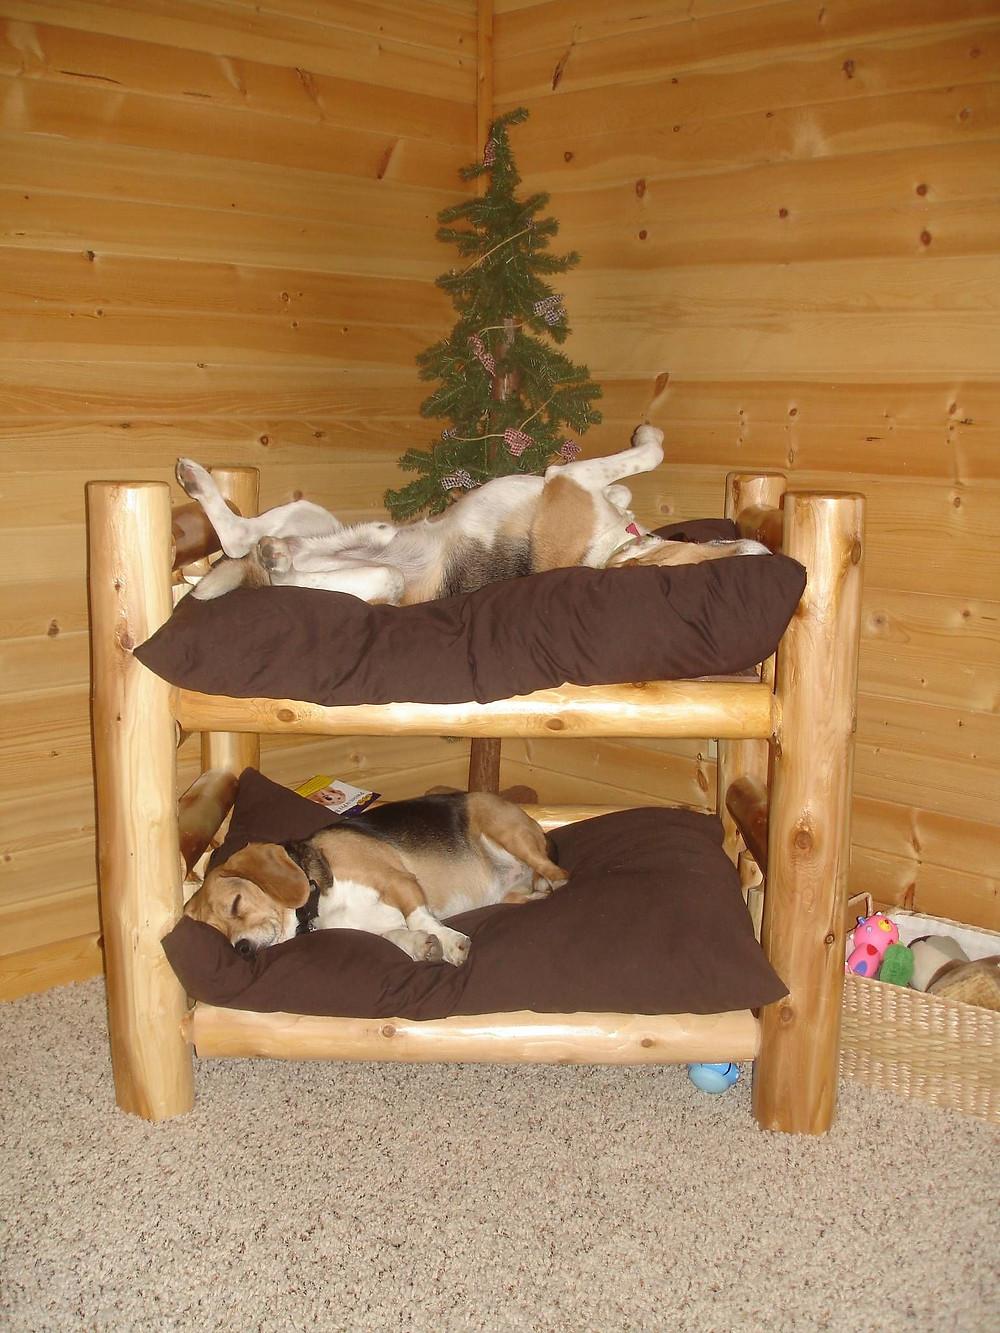 lit jumeaux pour chien - couchag 2 chiens